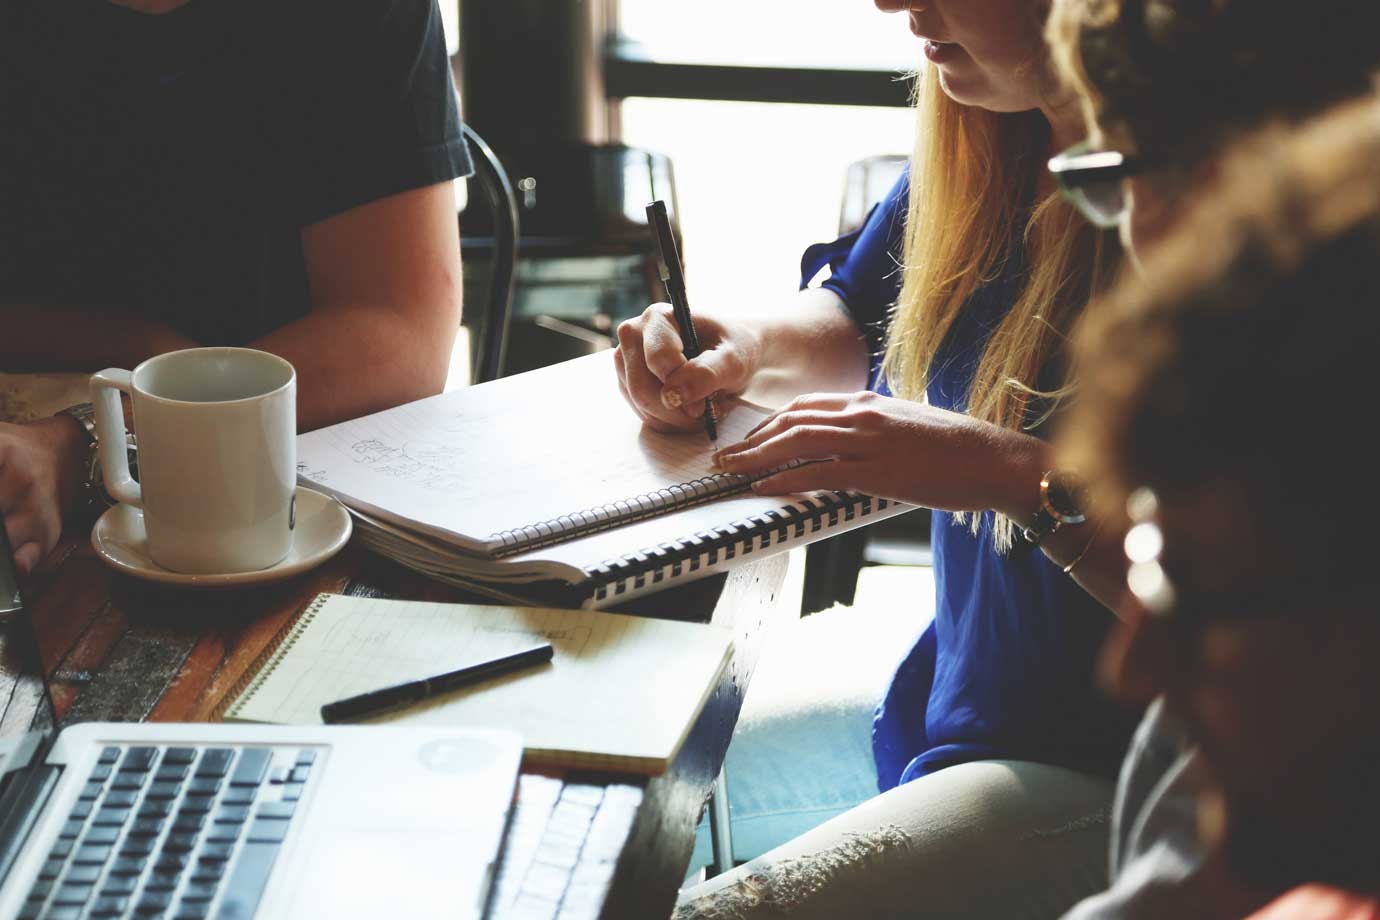 Design team collaborating